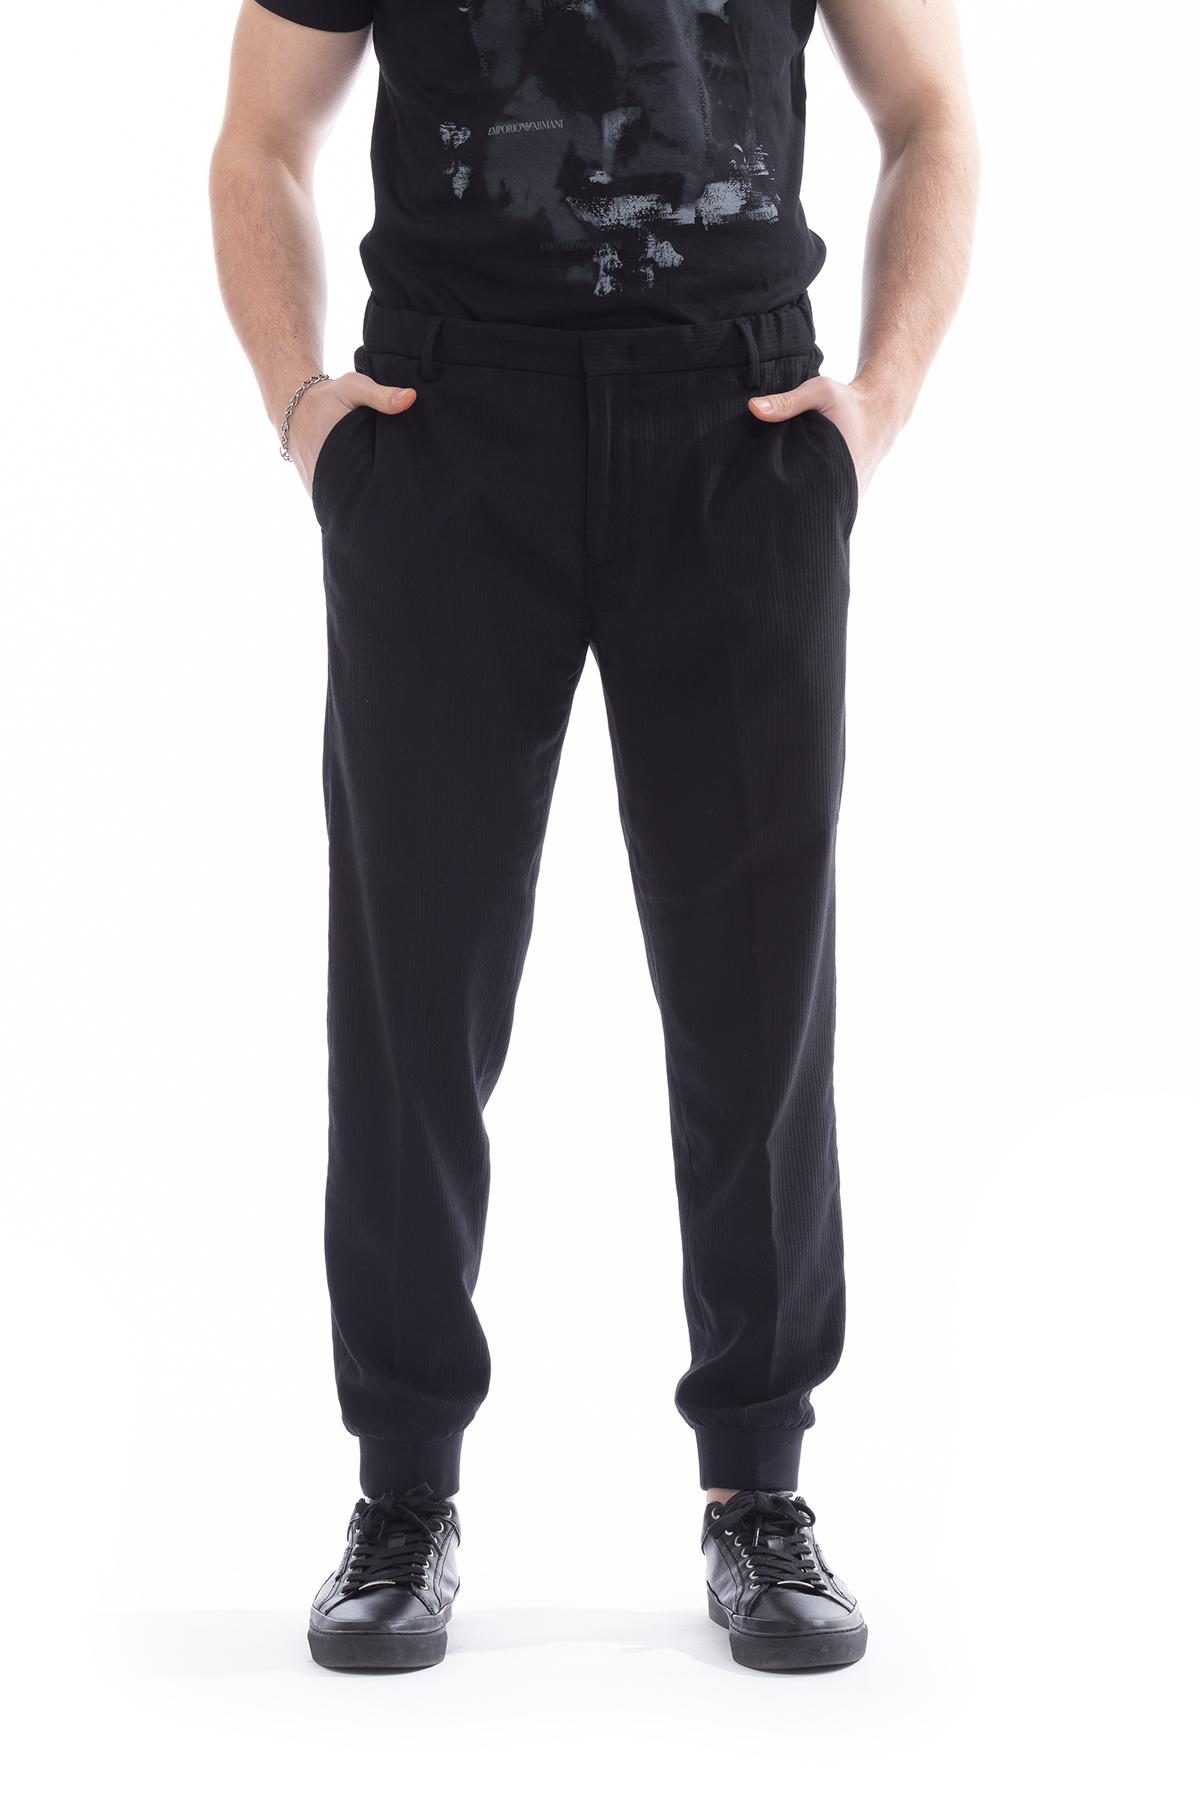 Emporio Armani Erkek Pantolon